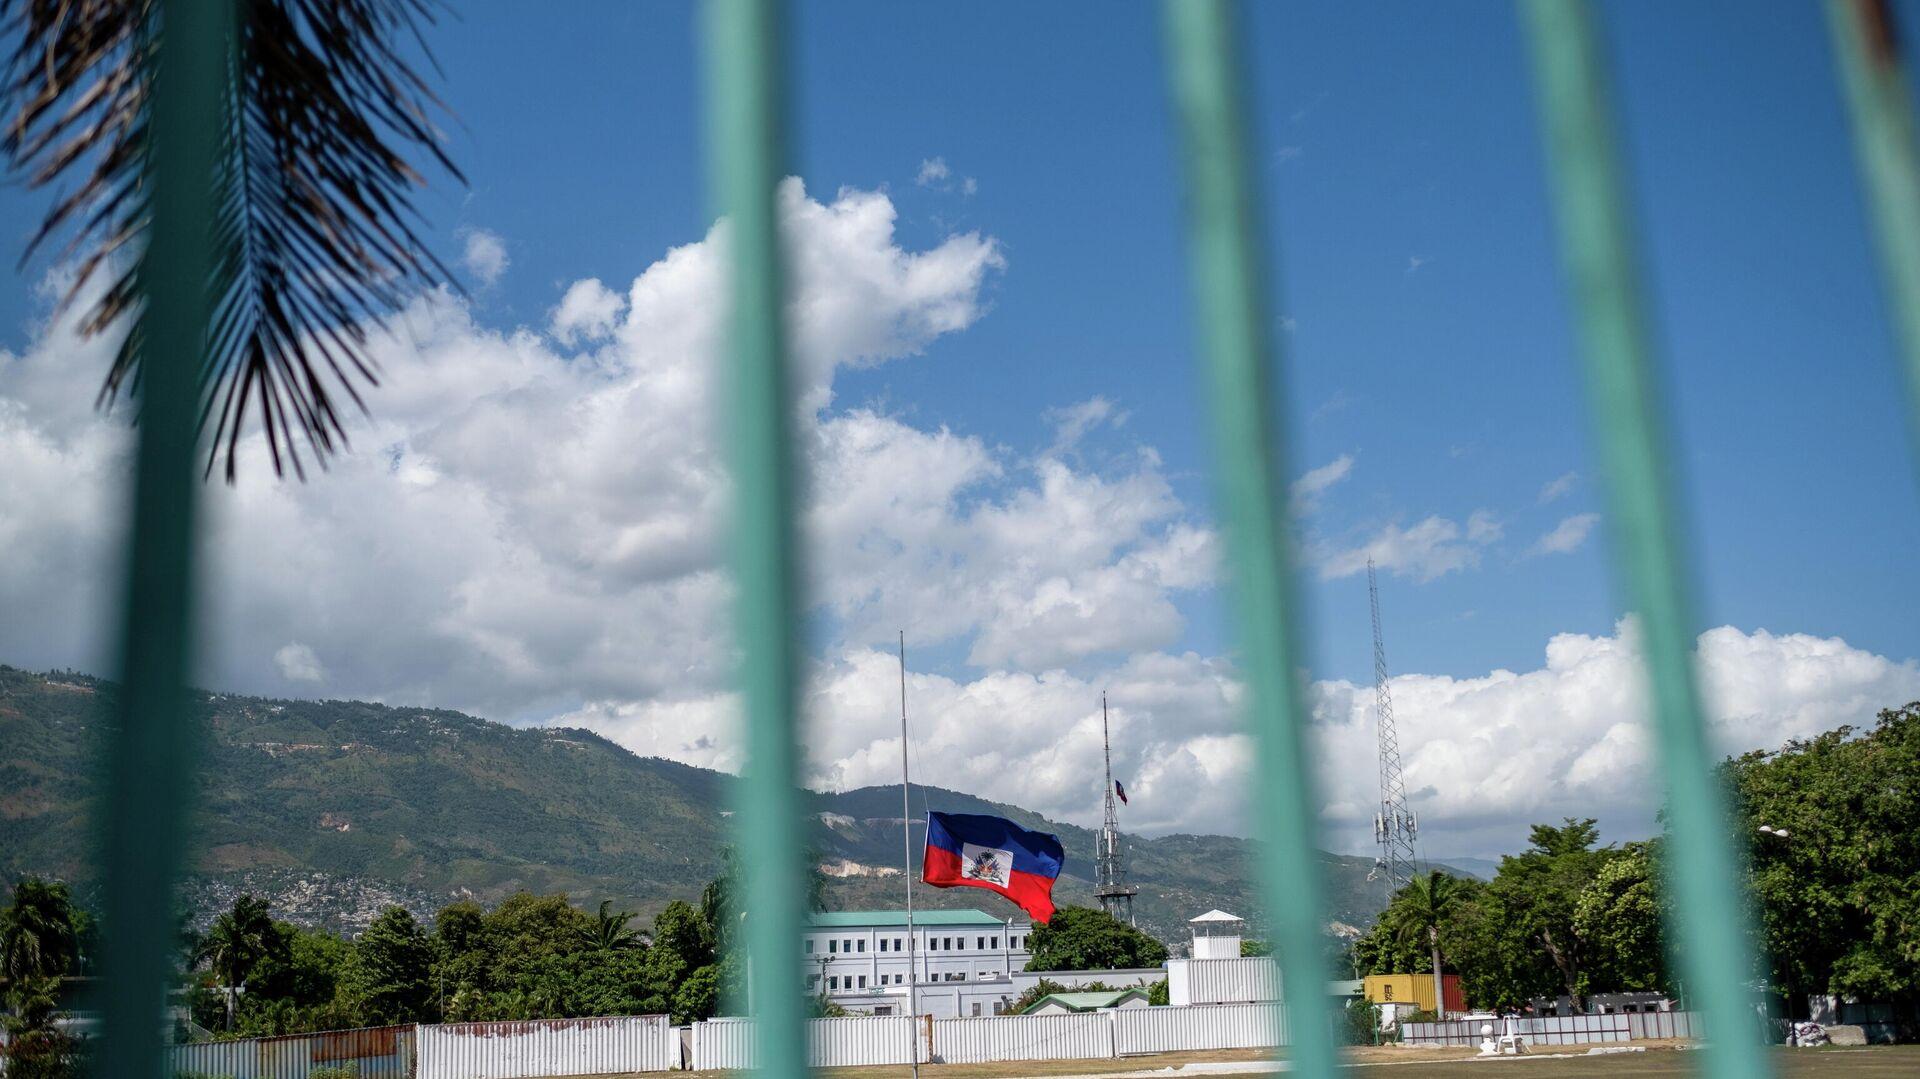 La bandera nacional de Haití  - Sputnik Mundo, 1920, 13.08.2021